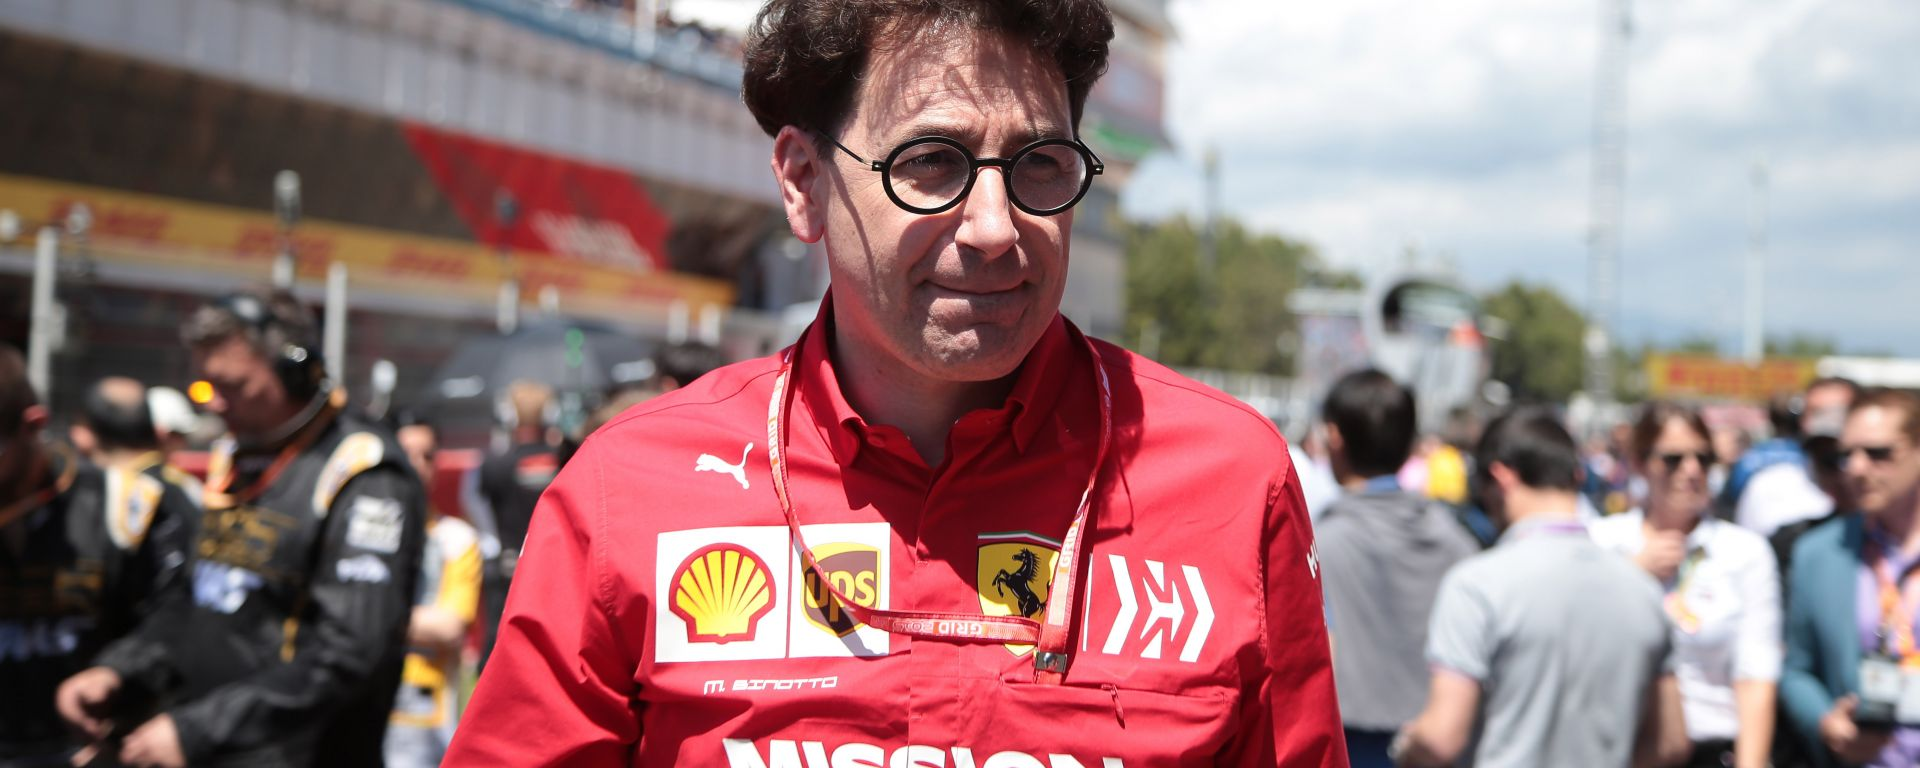 F1 GP Spagna 2019, il team principal della Ferrari, Mattia Binotto